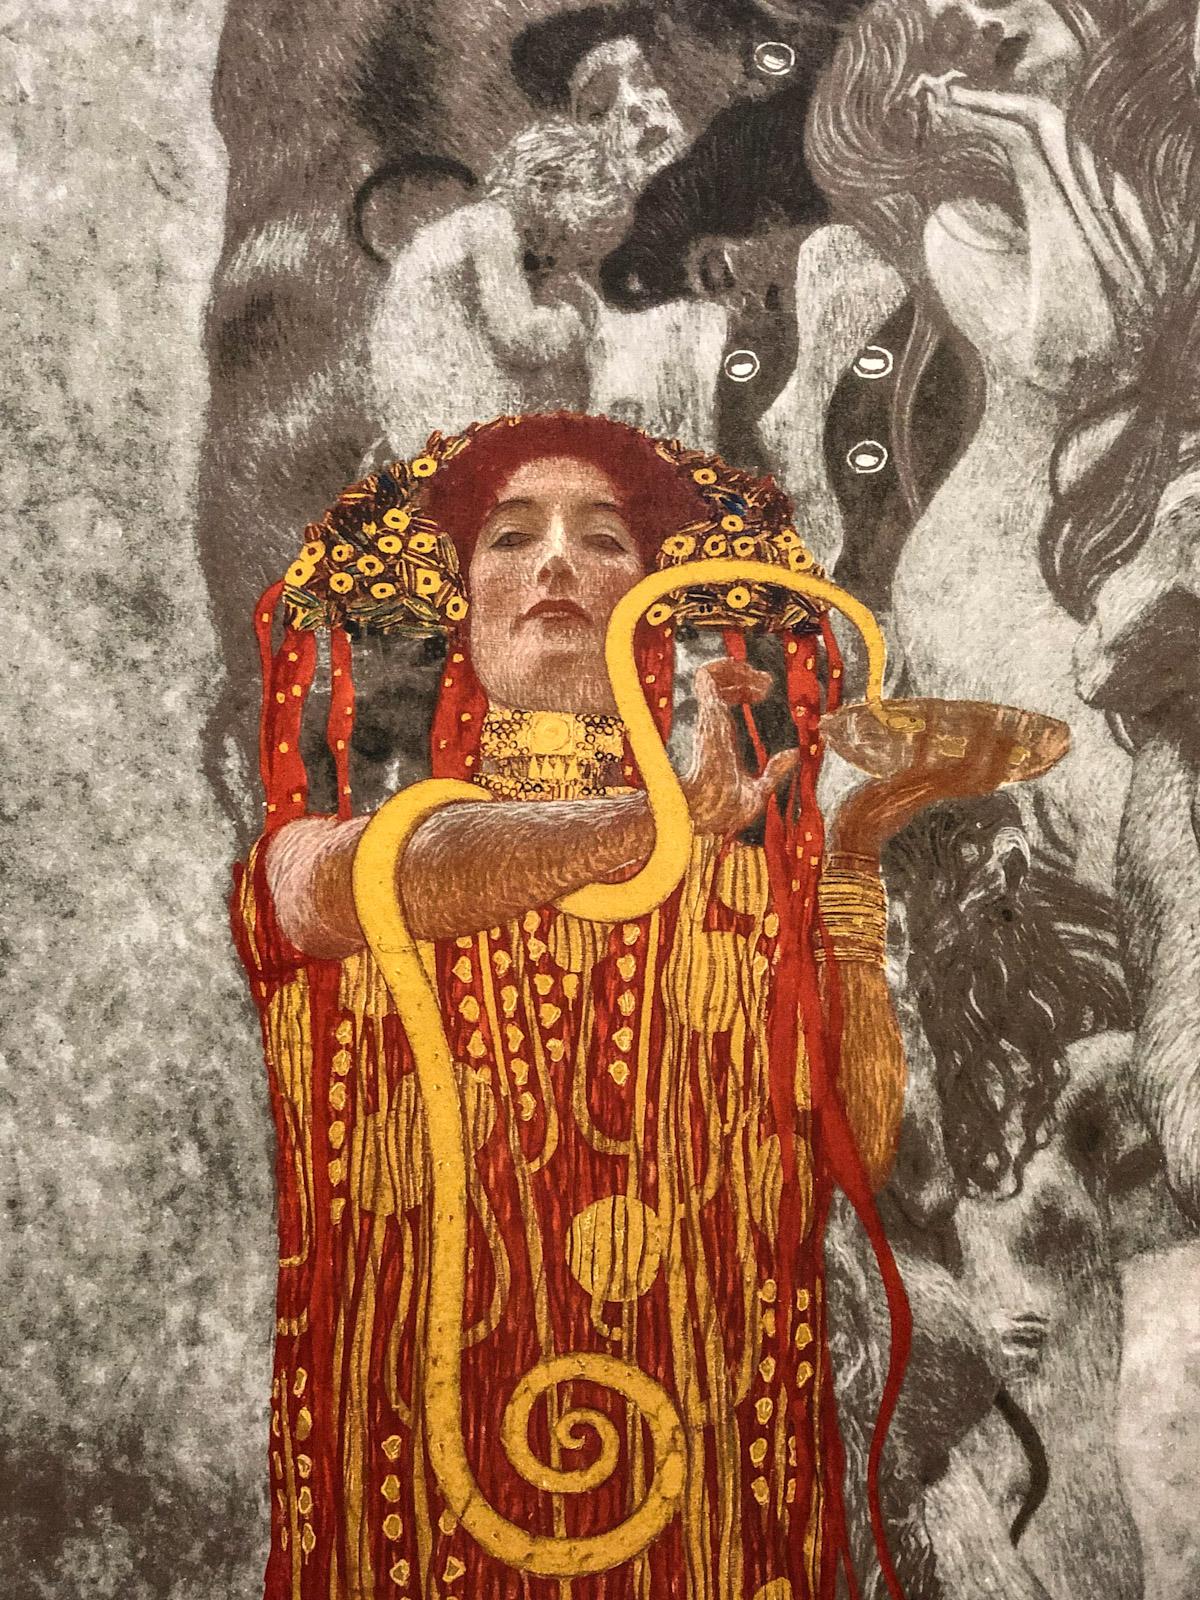 Medicine by Klimt, Vienna, Austria